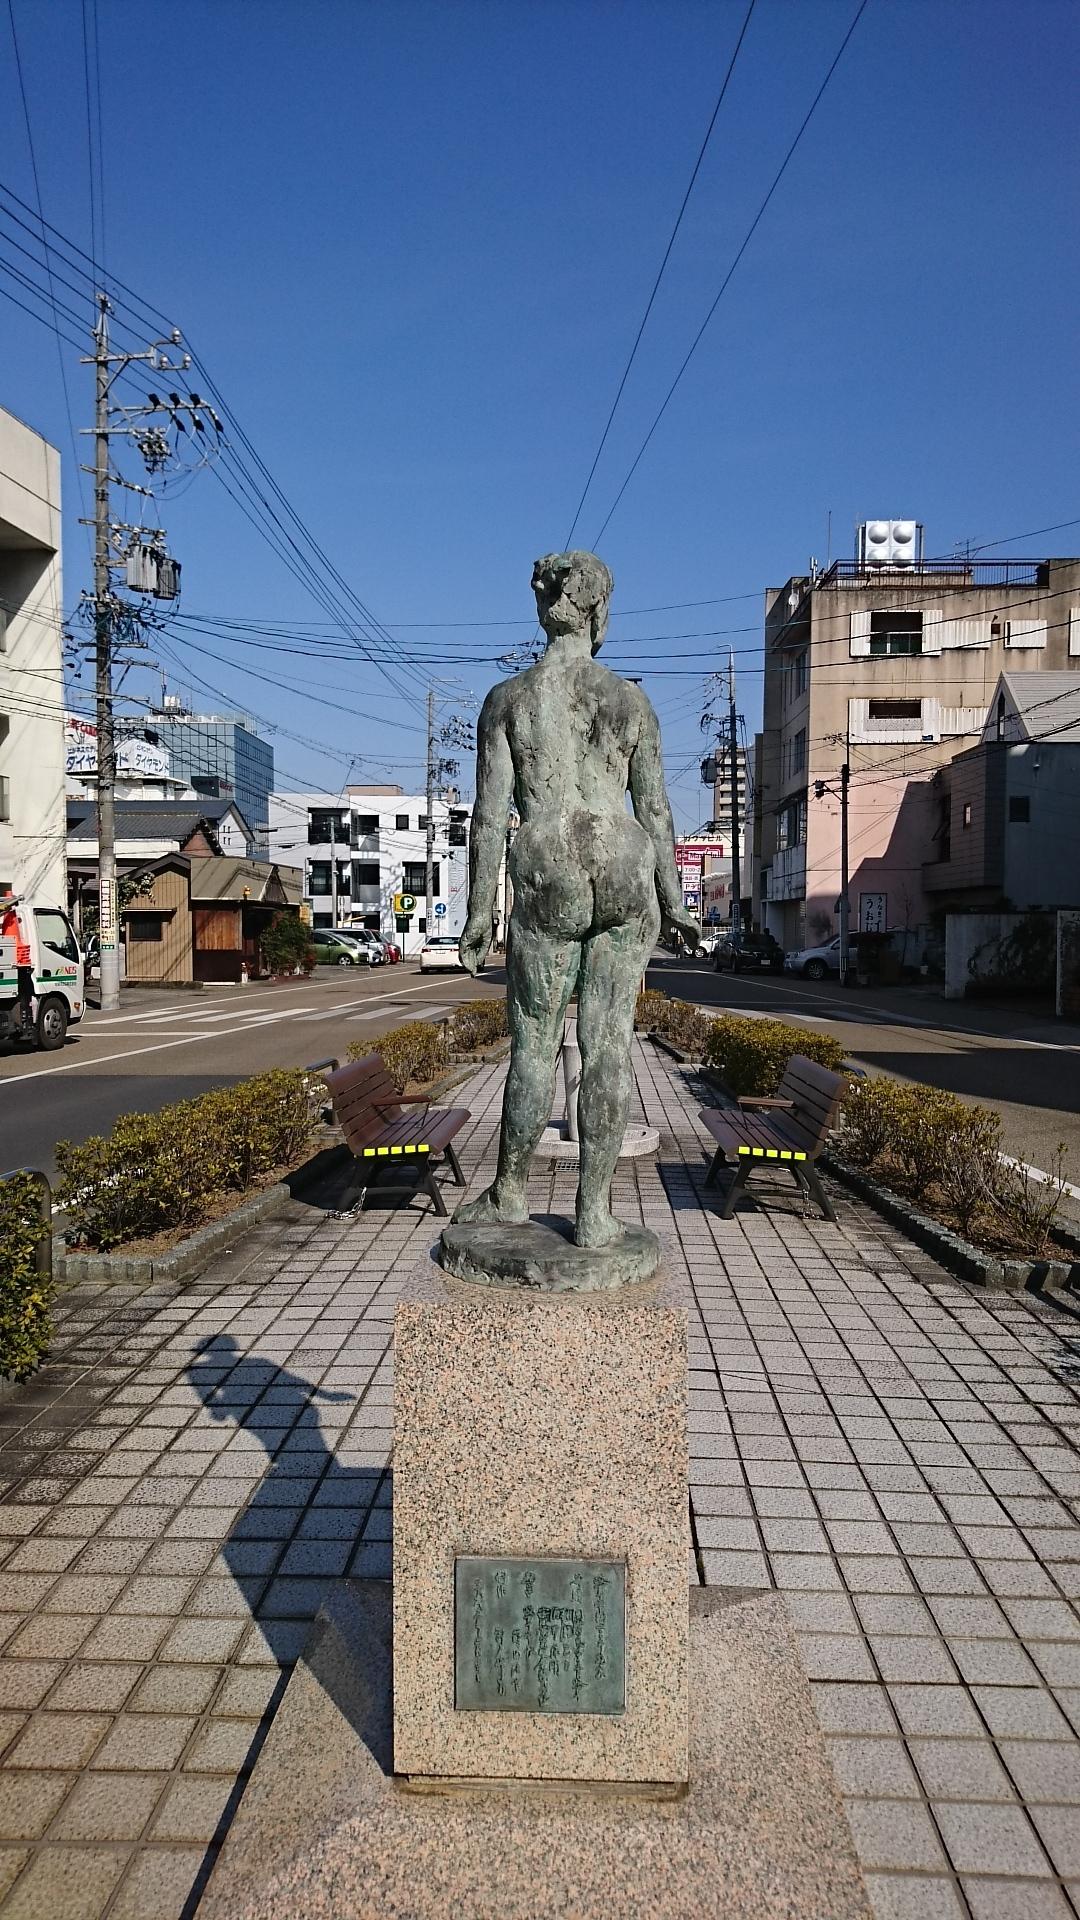 2018.2.19 岐阜 (116) 銅像(うしろから) 1080-1920